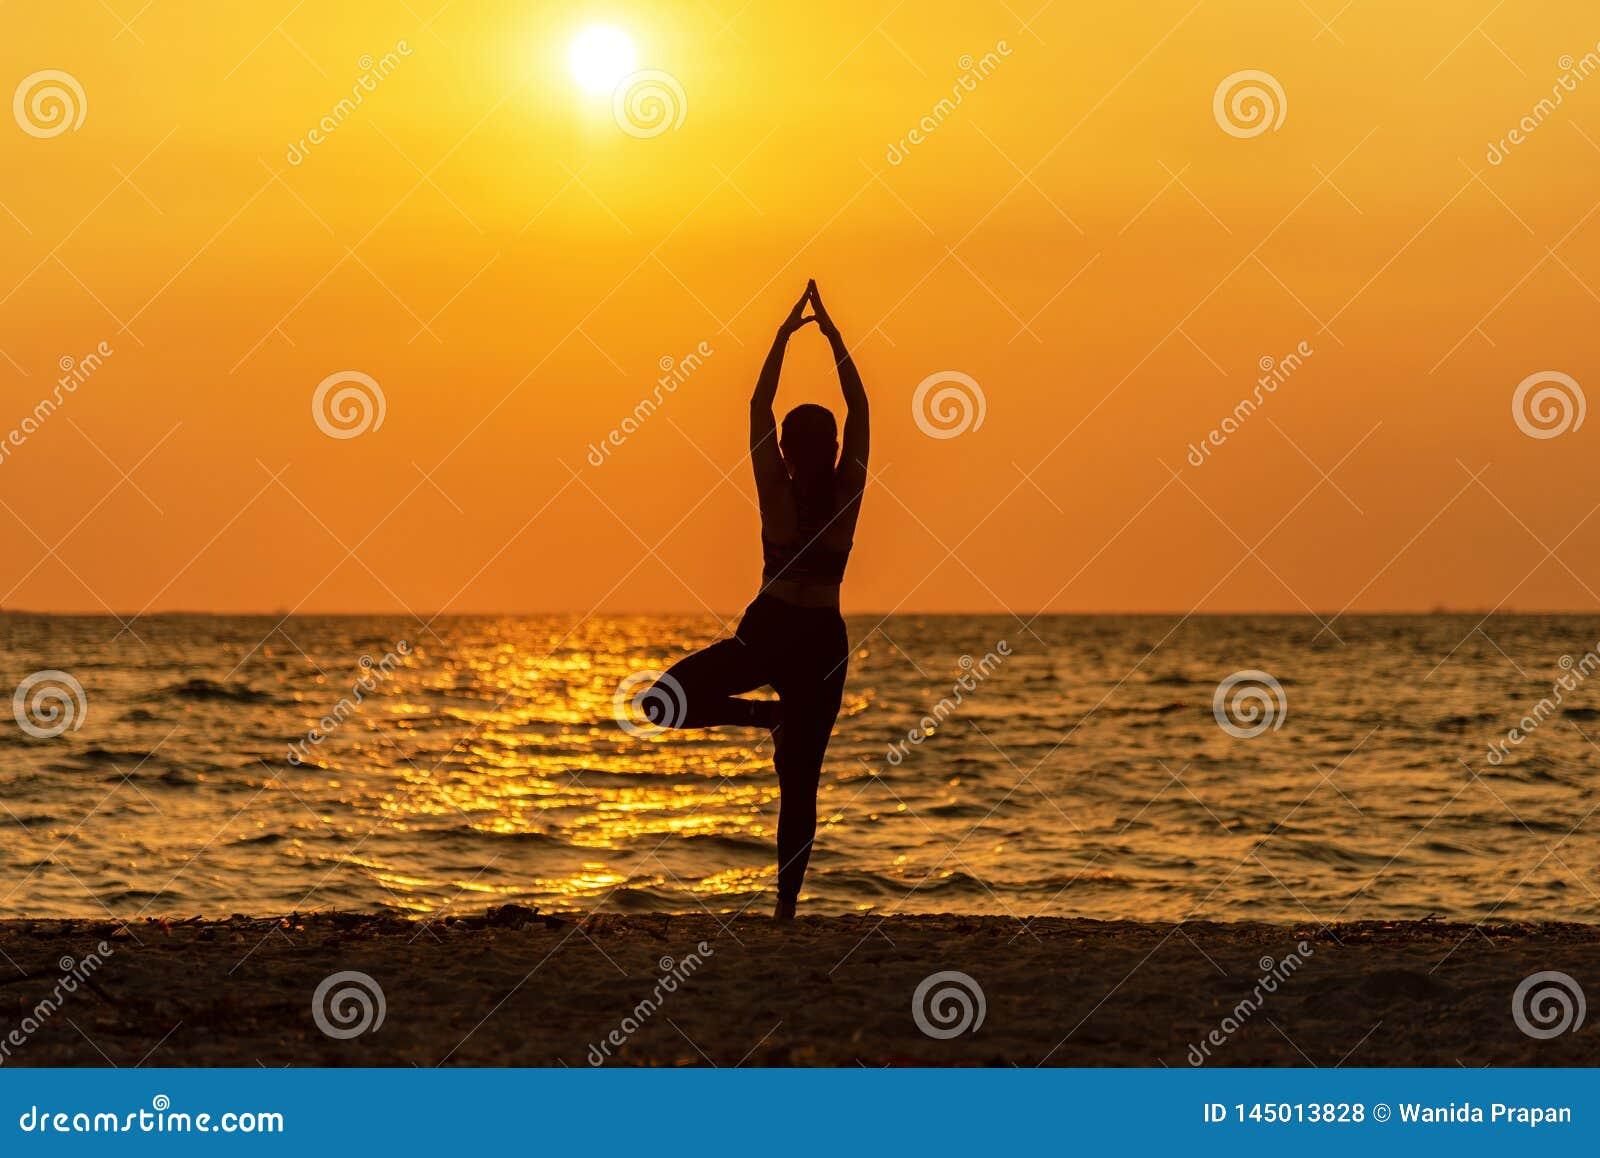 Витальность мира женщины разума образа жизни духа йоги раздумья баланса, outdoors силуэта на восходе солнца моря,